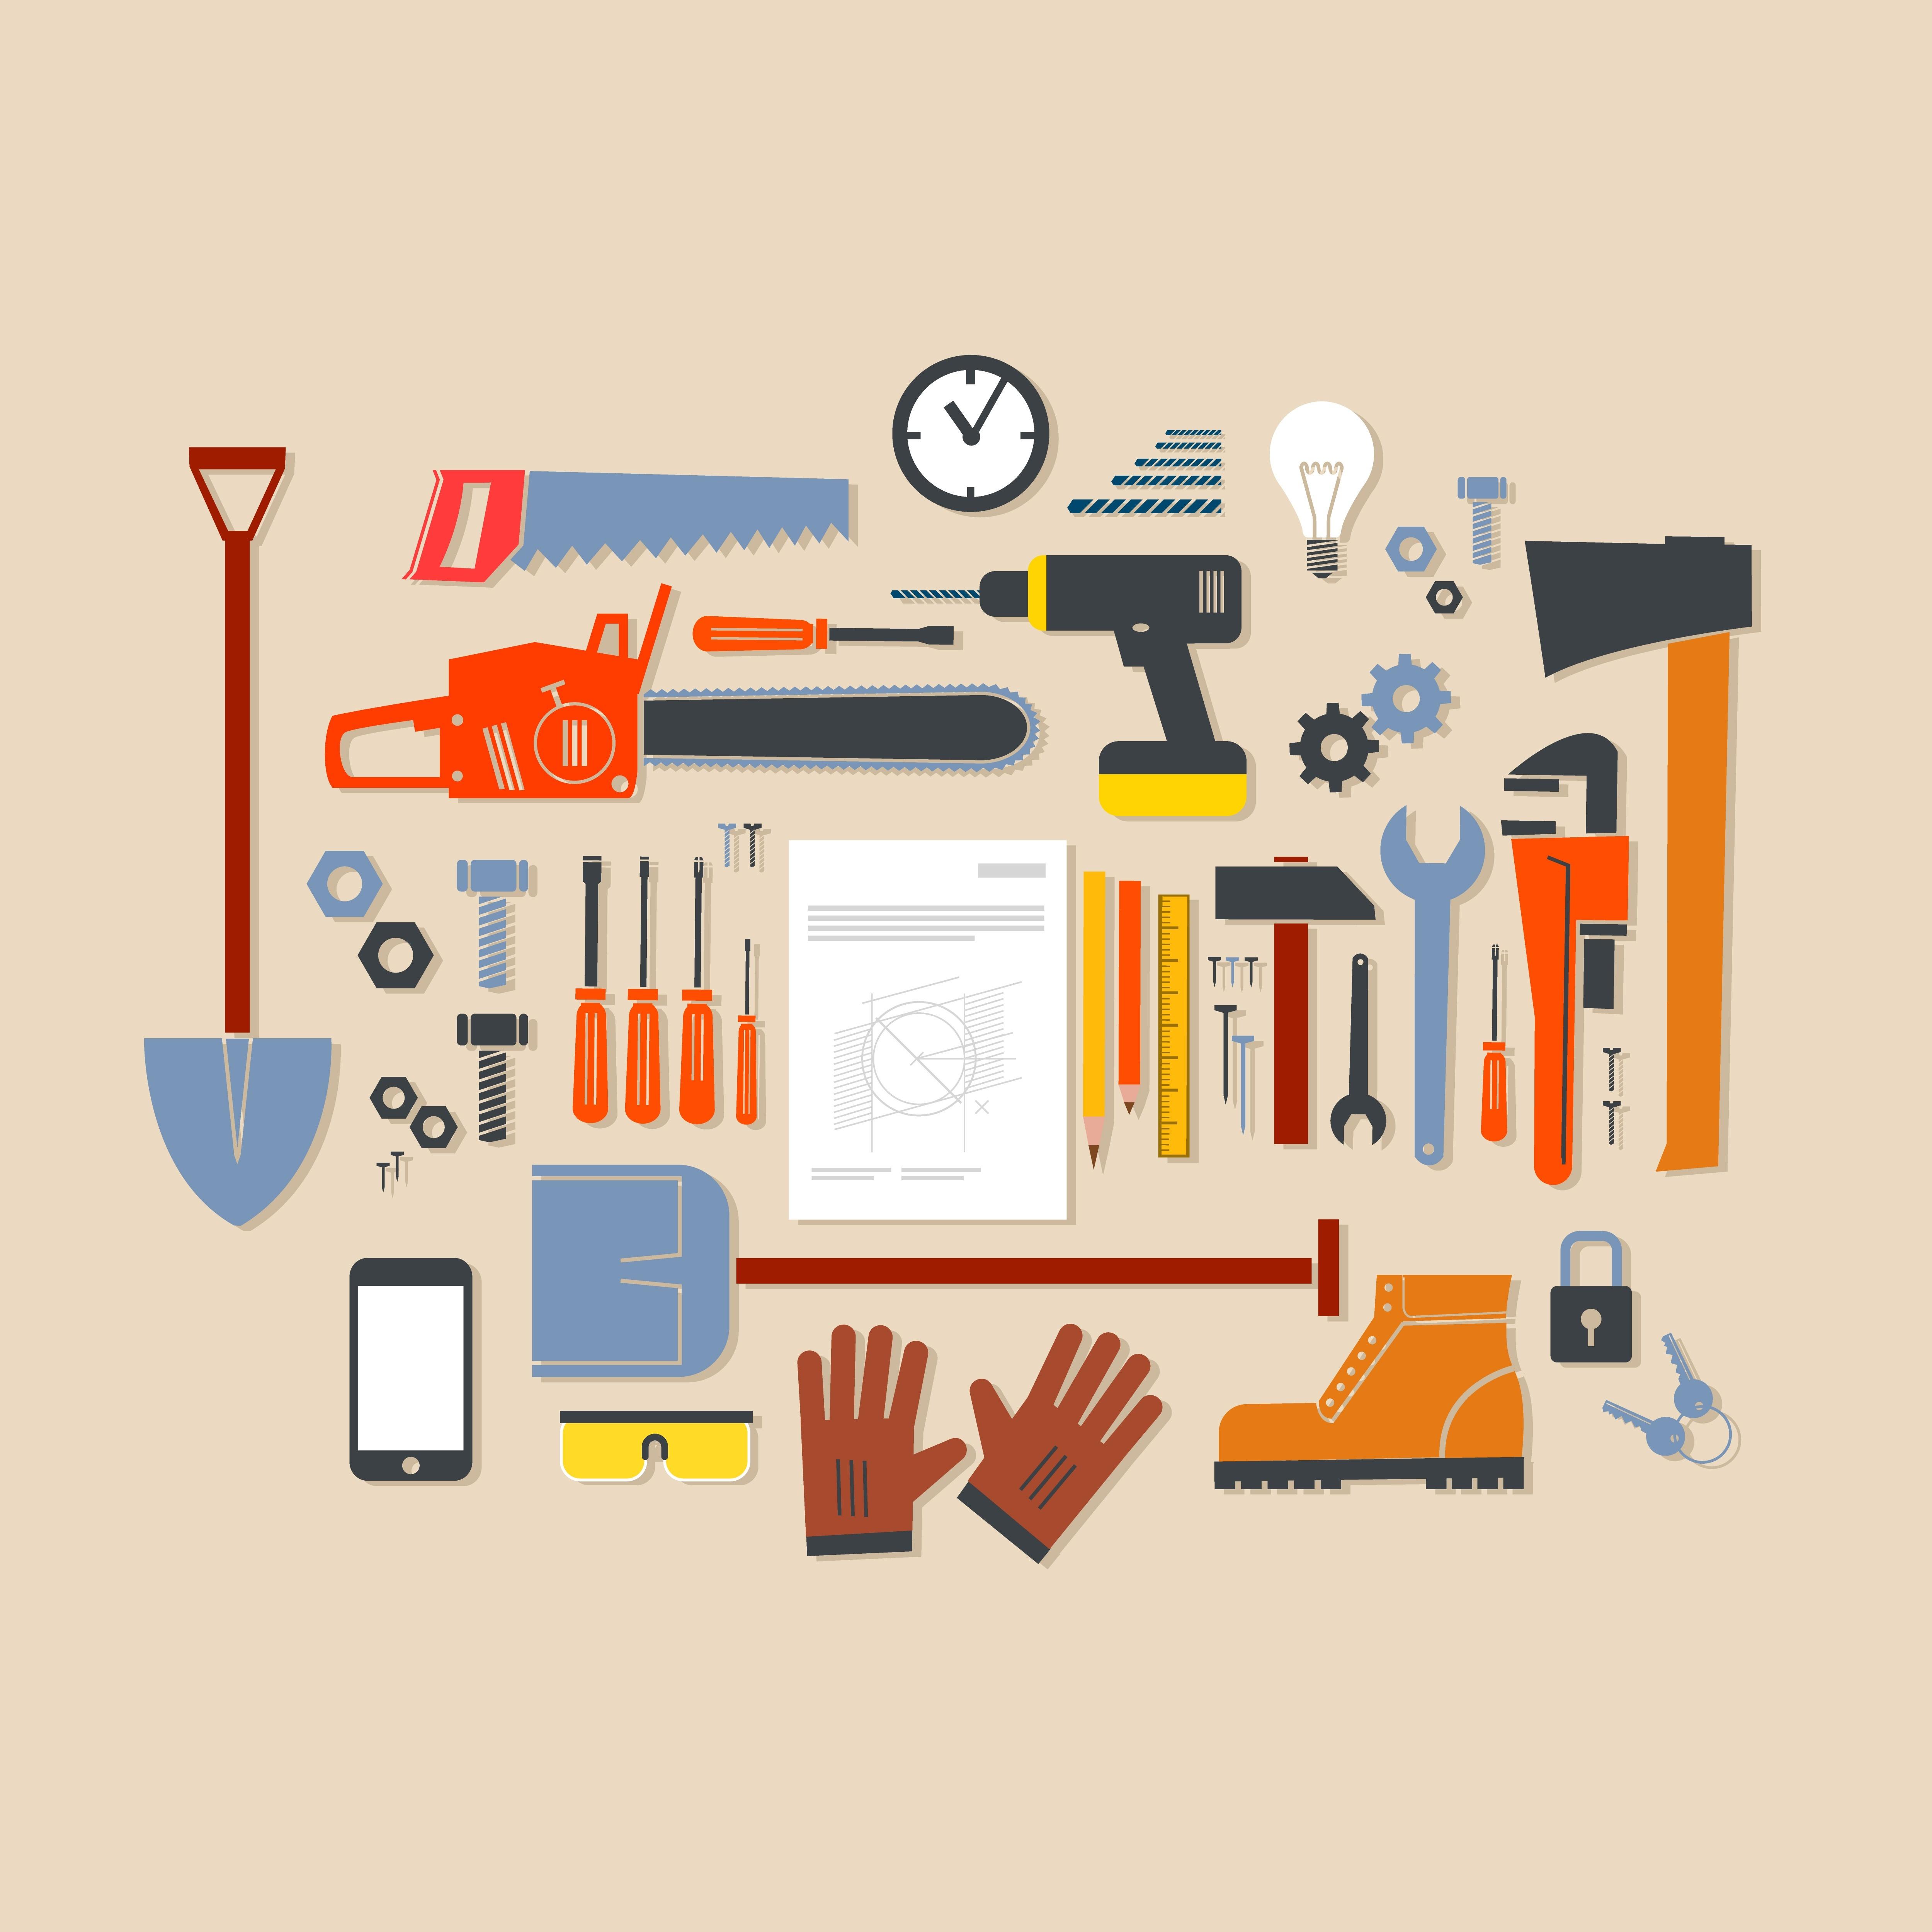 HubSpot Tools